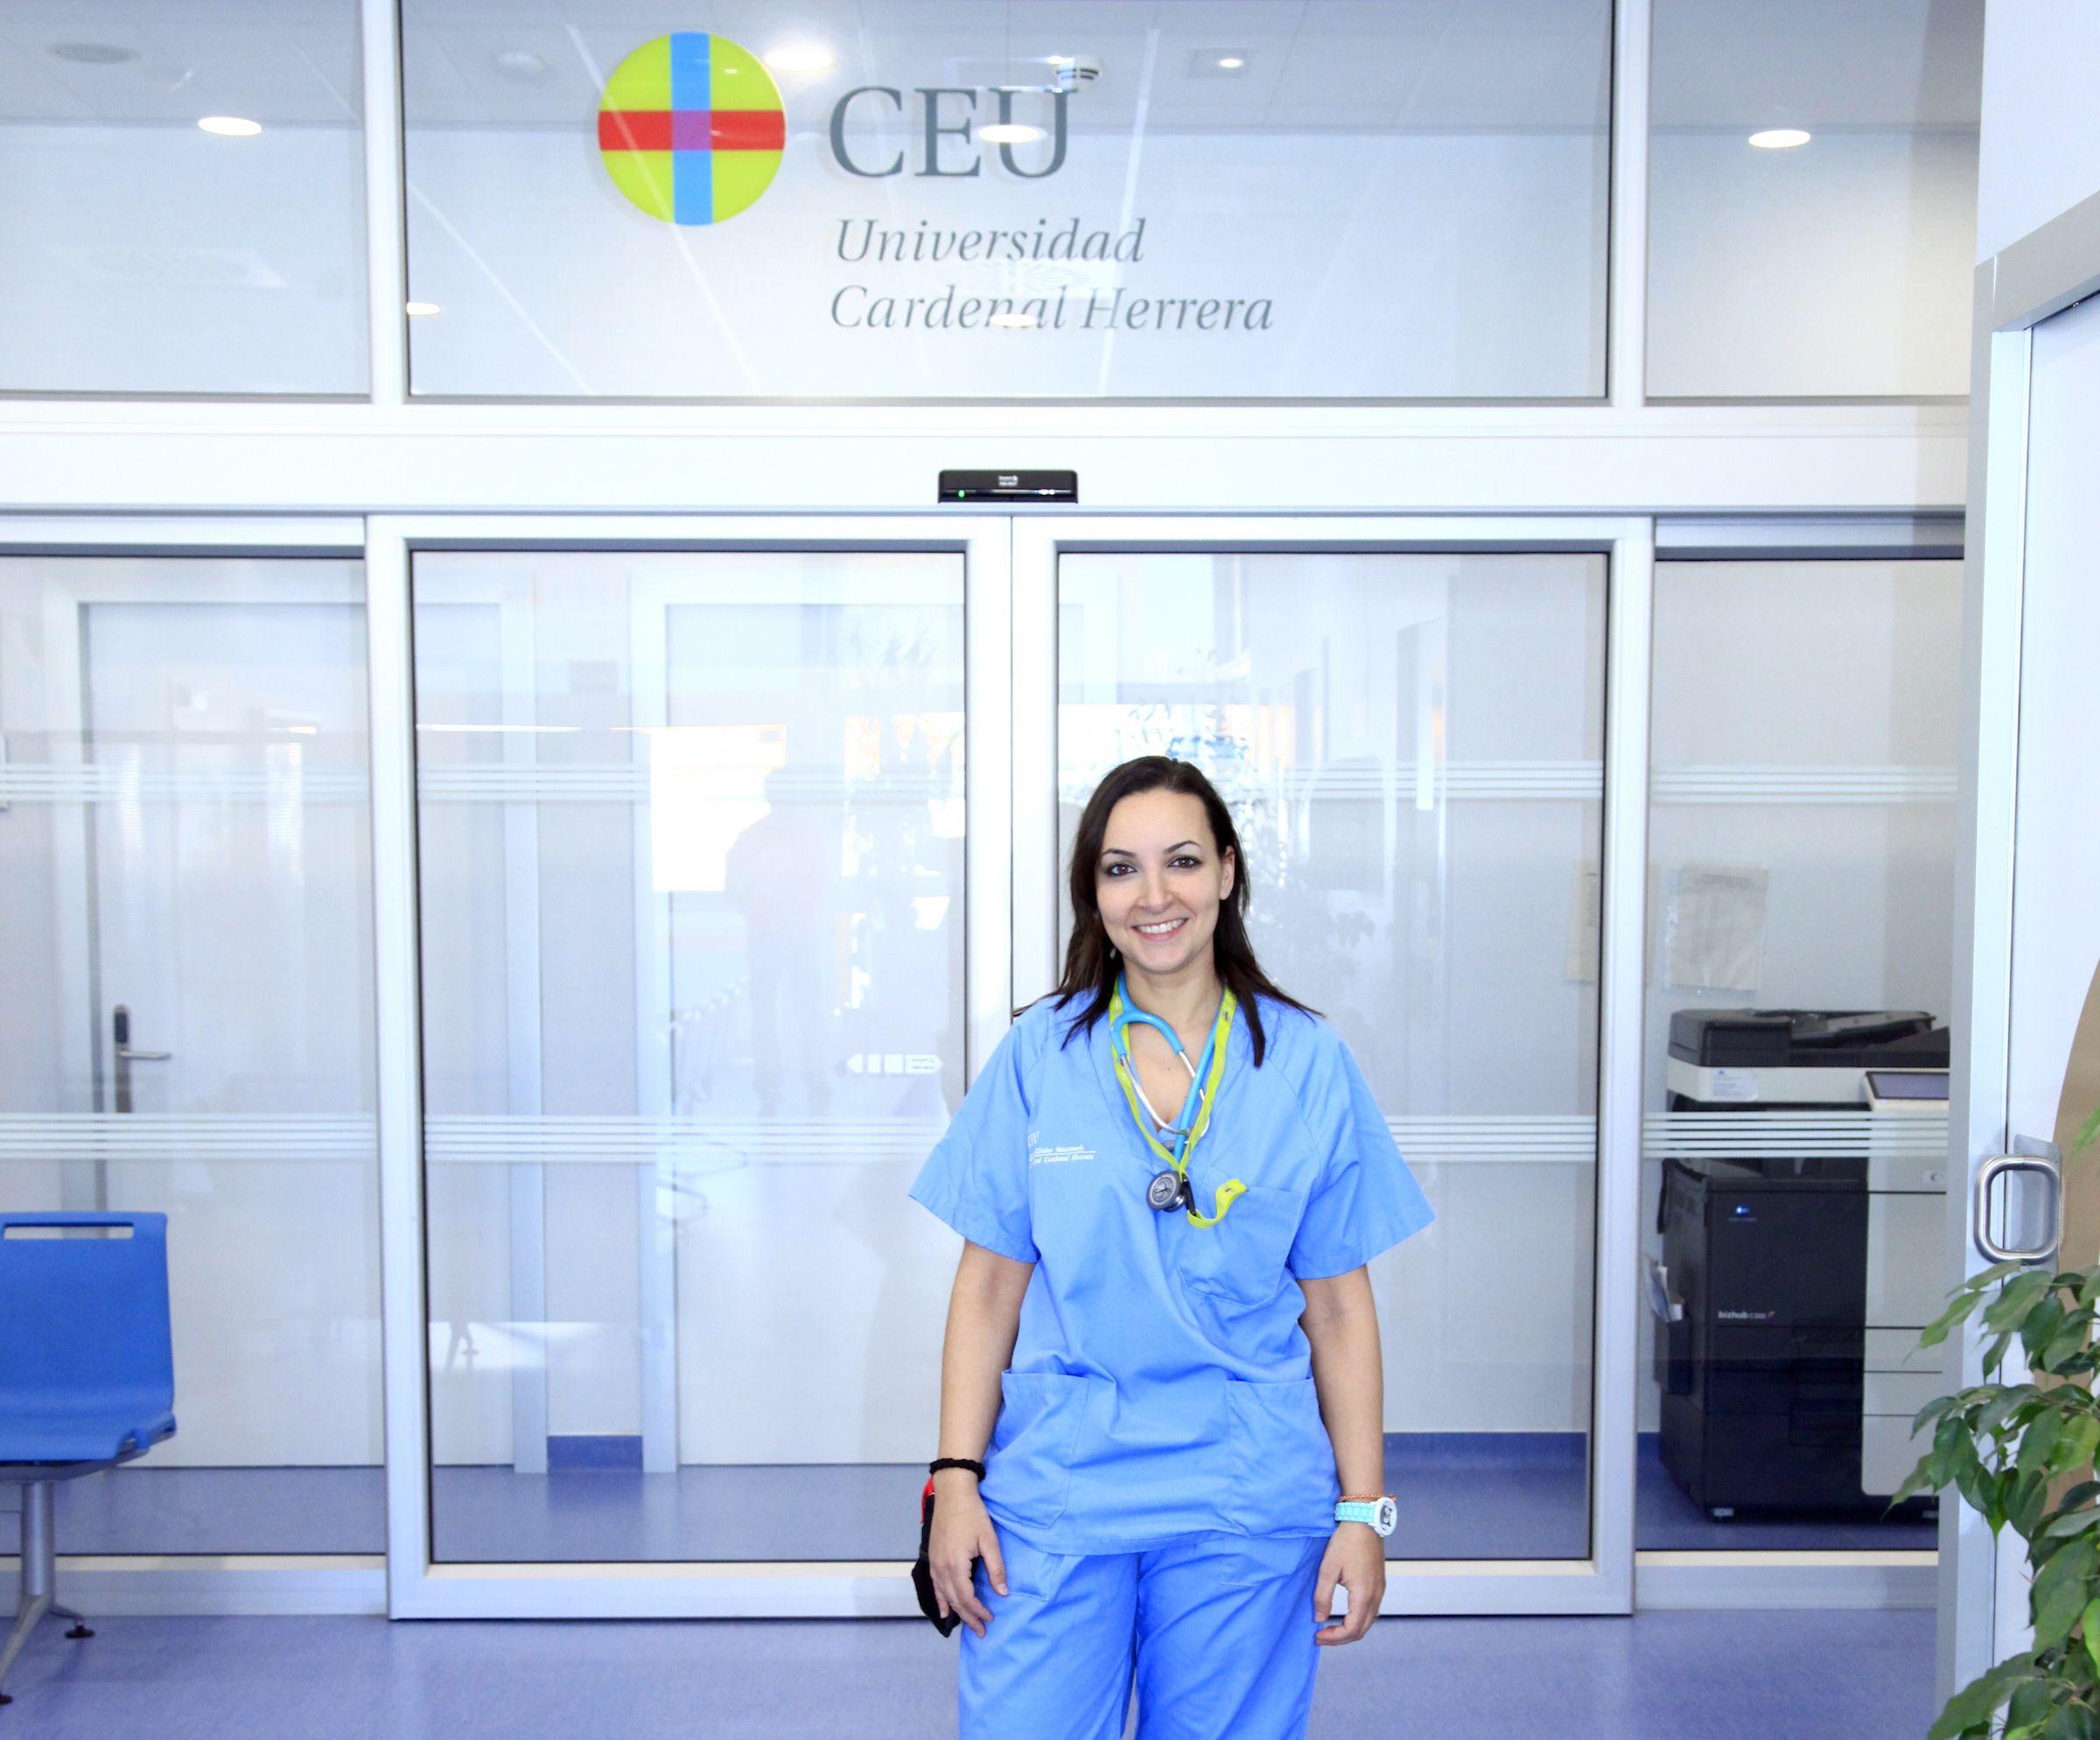 Luisa Martínez Cobo, coordinadora científica de la revista ClinATV, se incorporó en septiembre al Hospital Clínico Veterinario de la CEU UCH.